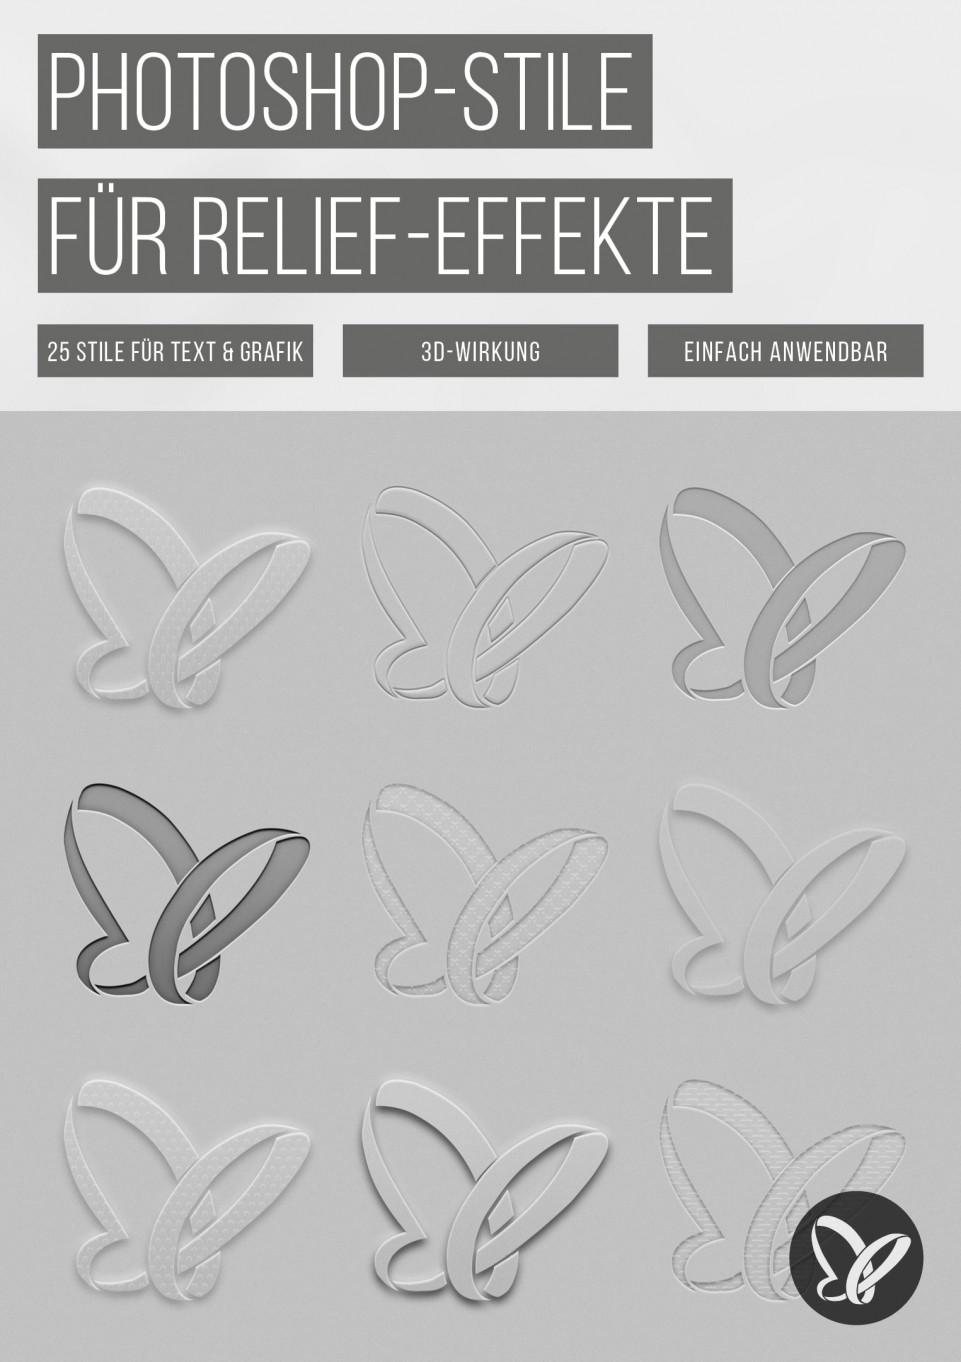 Photoshop-Stile: Transparenz, Relief und Prägung für Texte und Grafiken